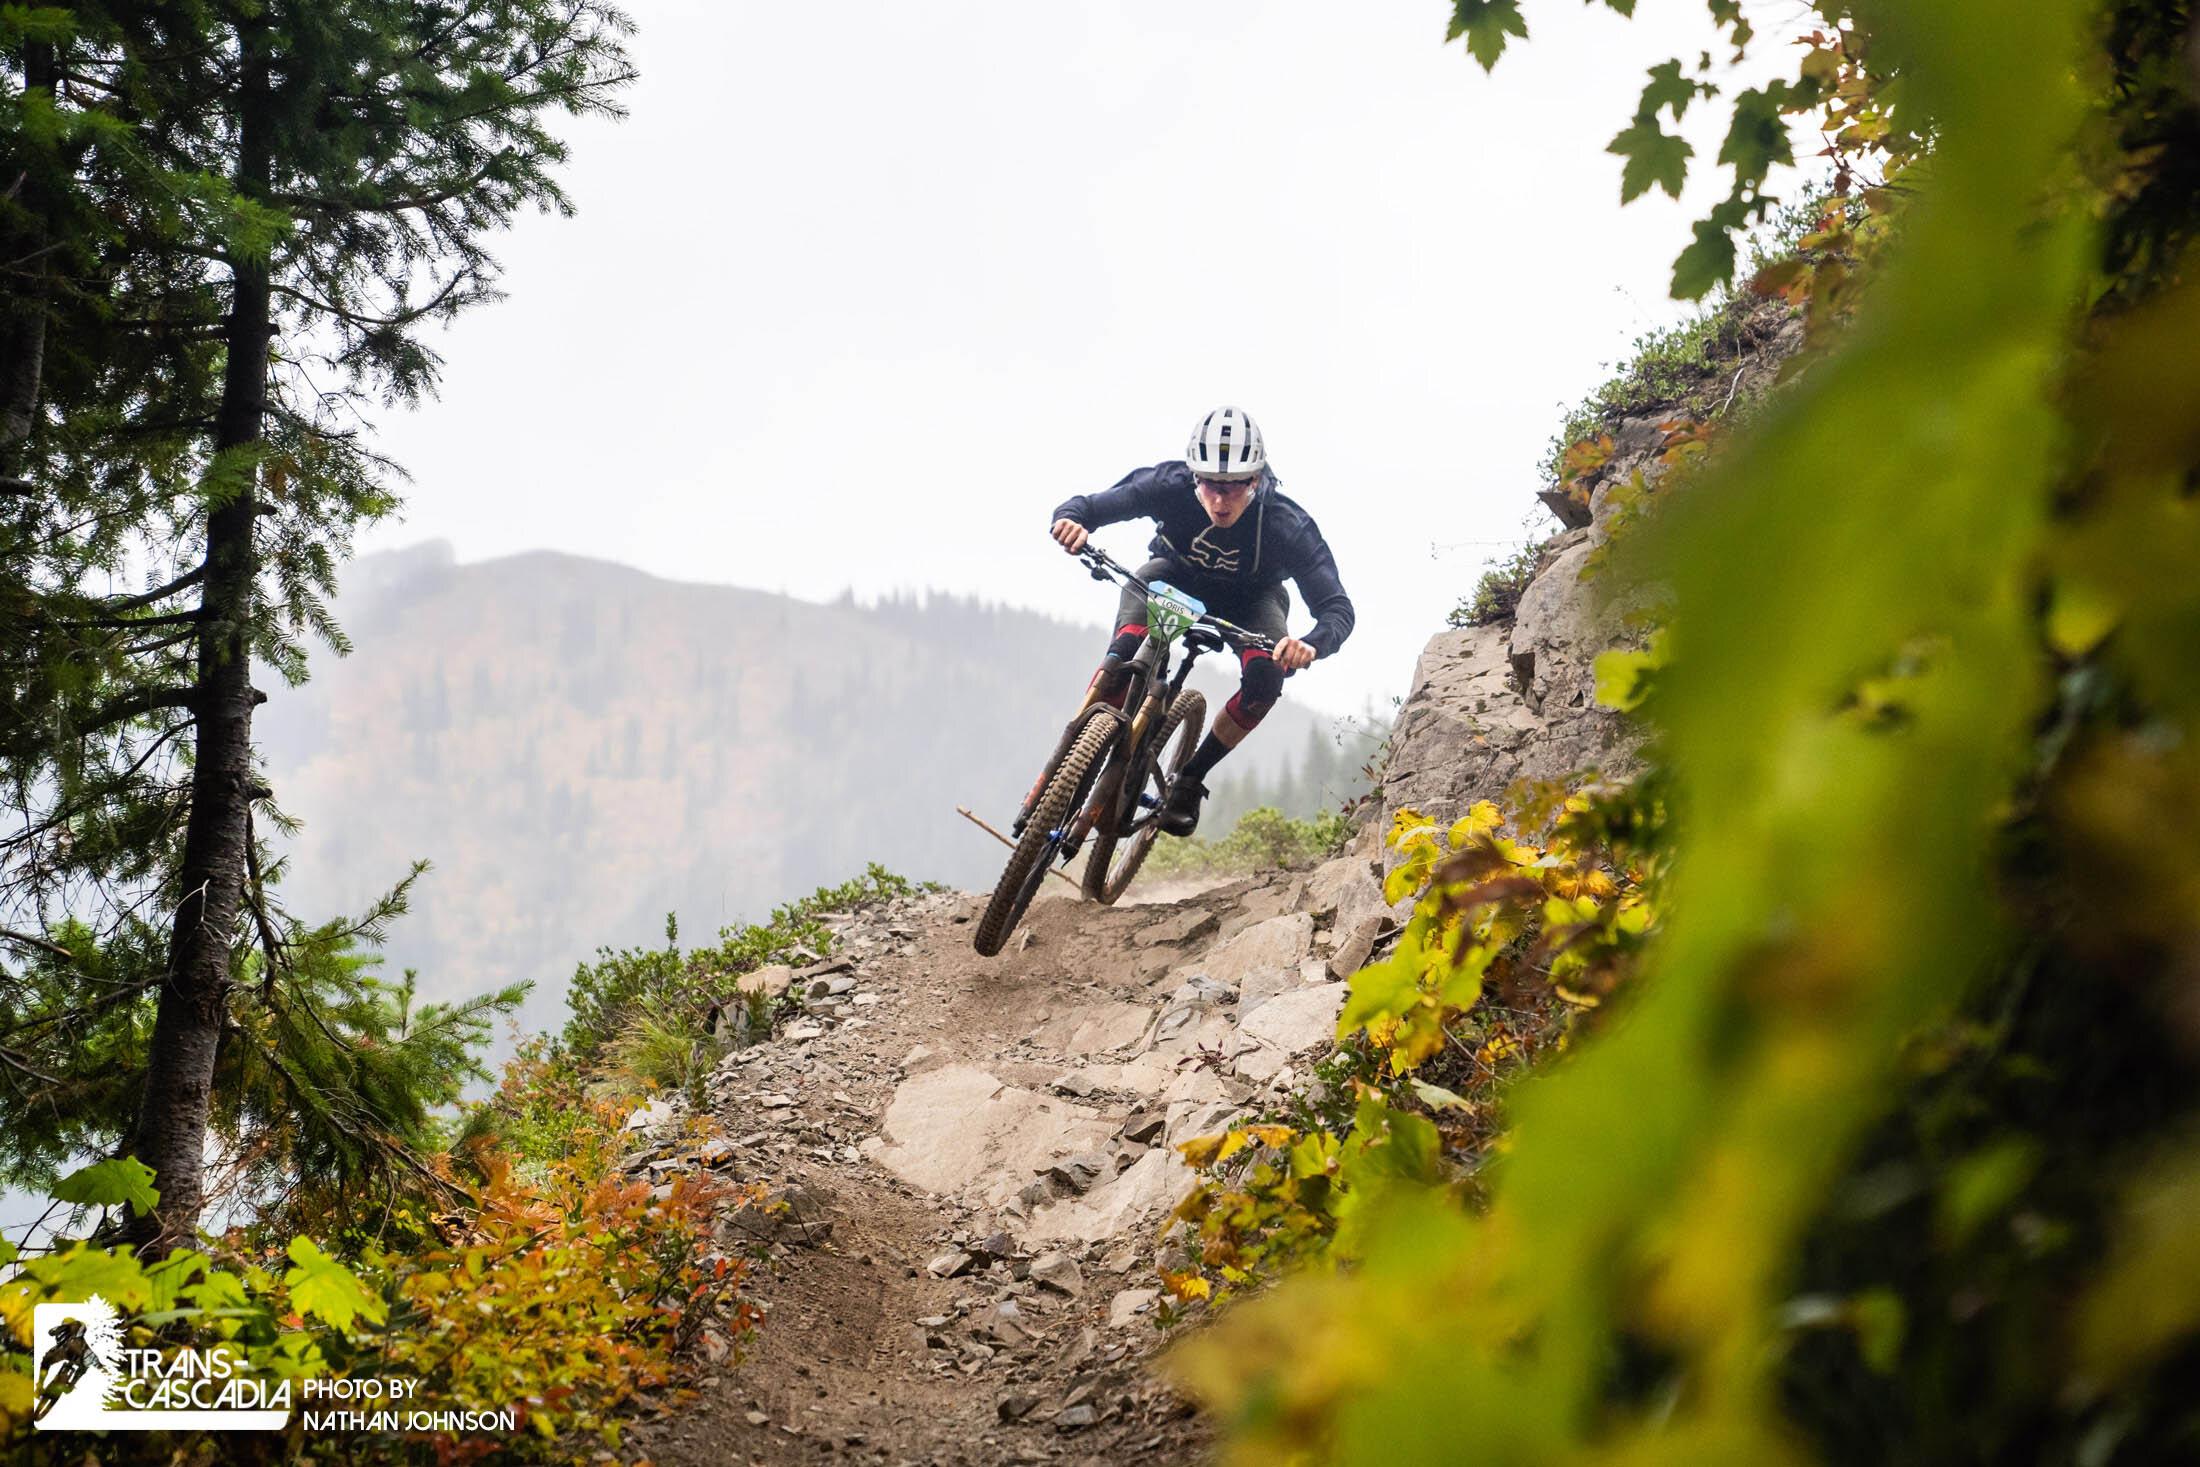 Trans-Cascadia06.jpg